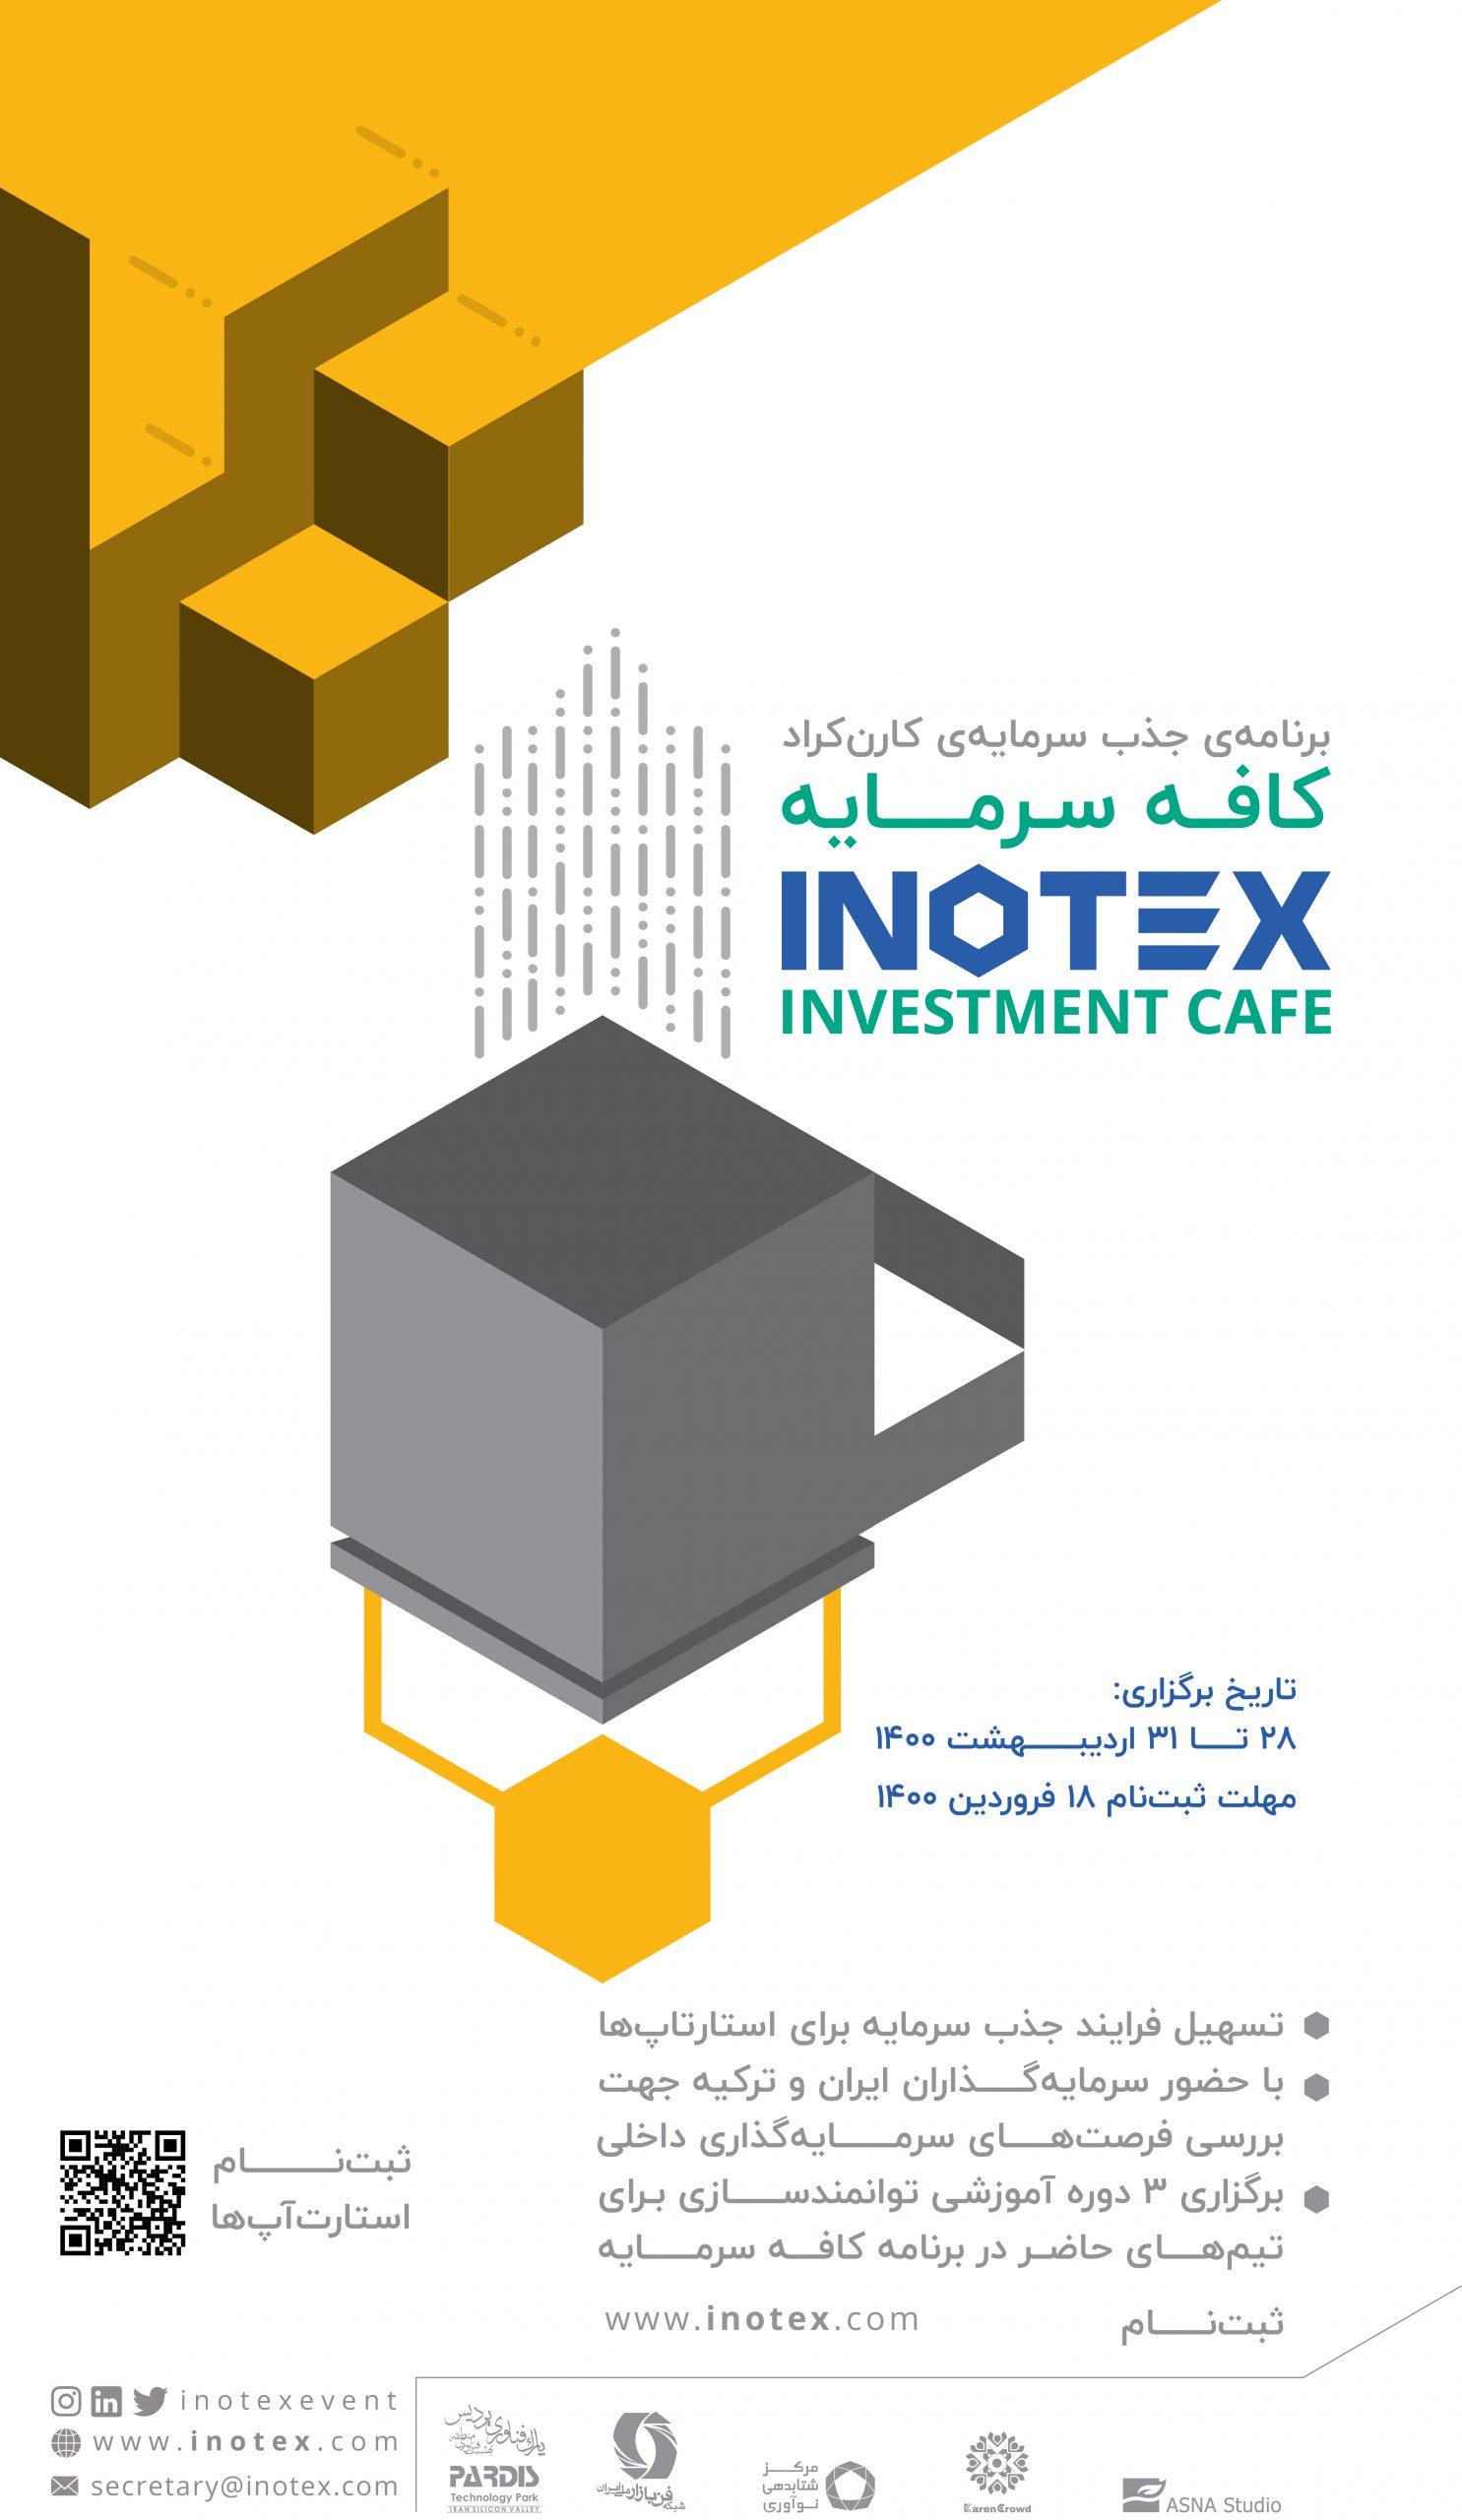 ثبت نام رویداد کافه سرمایه در نمایشگاه اینوتکس 2021 آغاز شد